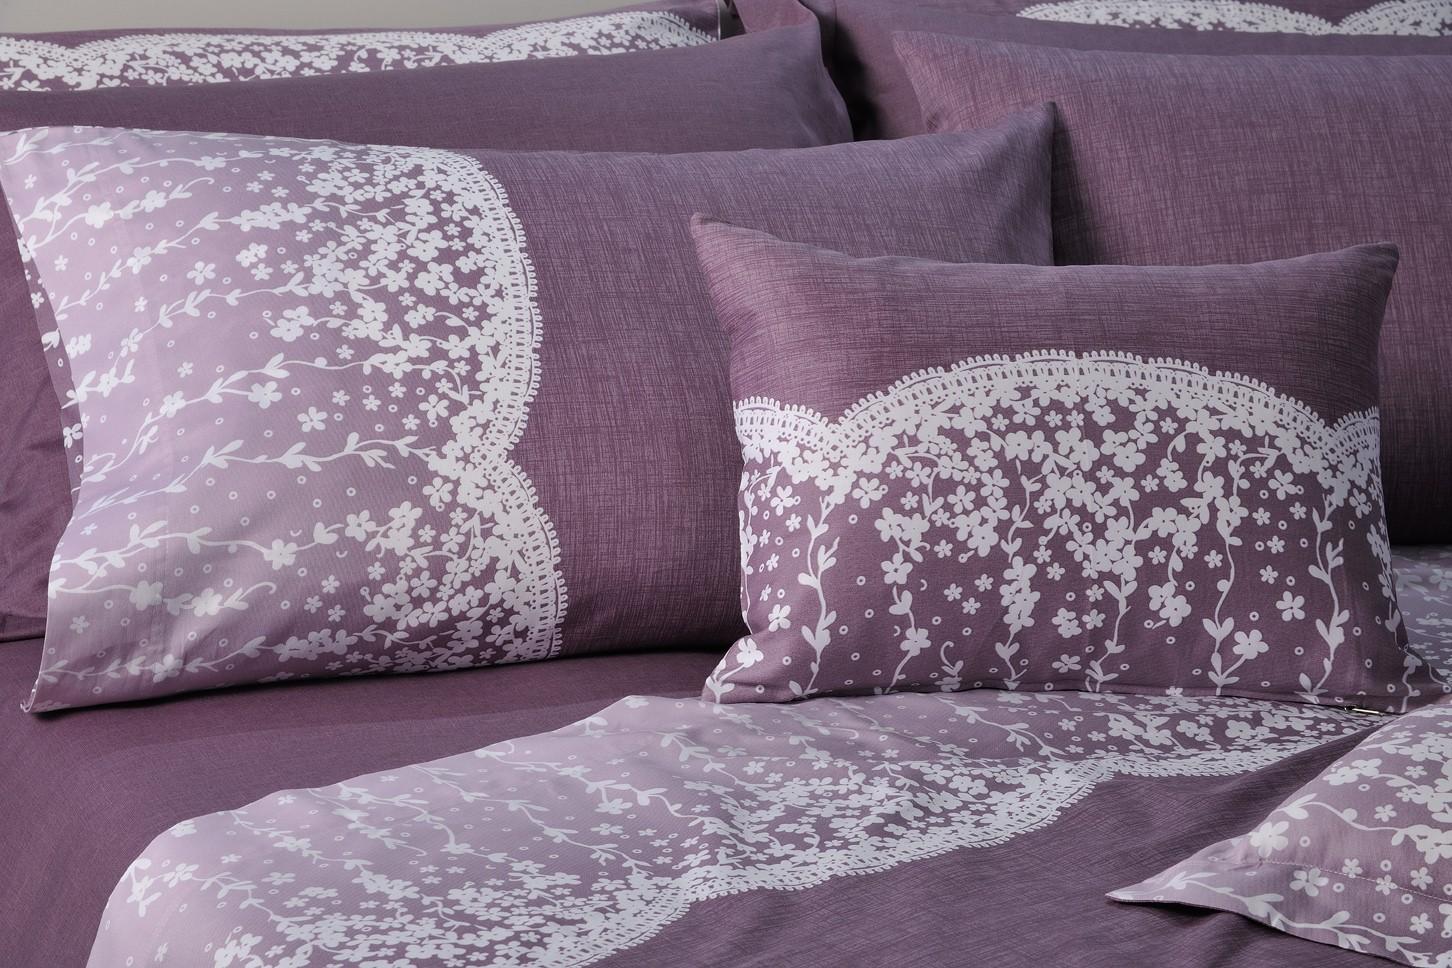 Παπλωματοθήκη Μονή (Σετ) Down Town Primo Lace Purple S 622